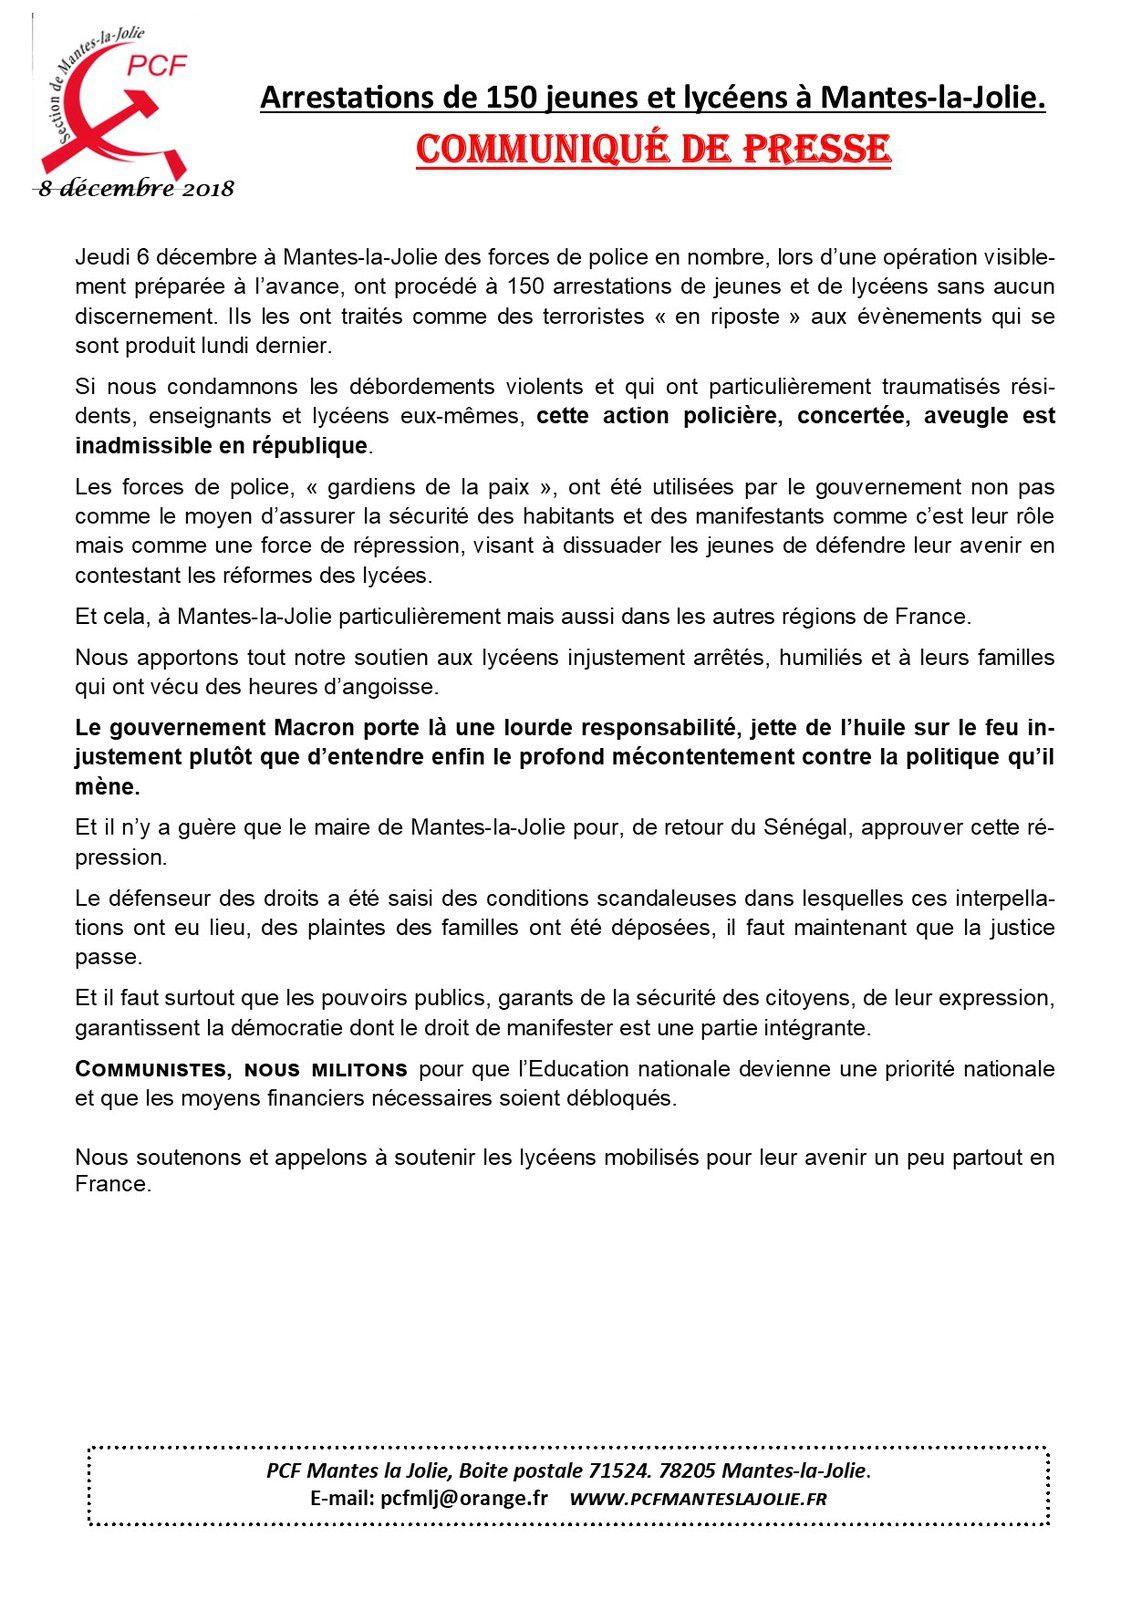 Arrestations de 150 jeunes et lycéens à Mantes-la-Jolie. Communiqué de presse